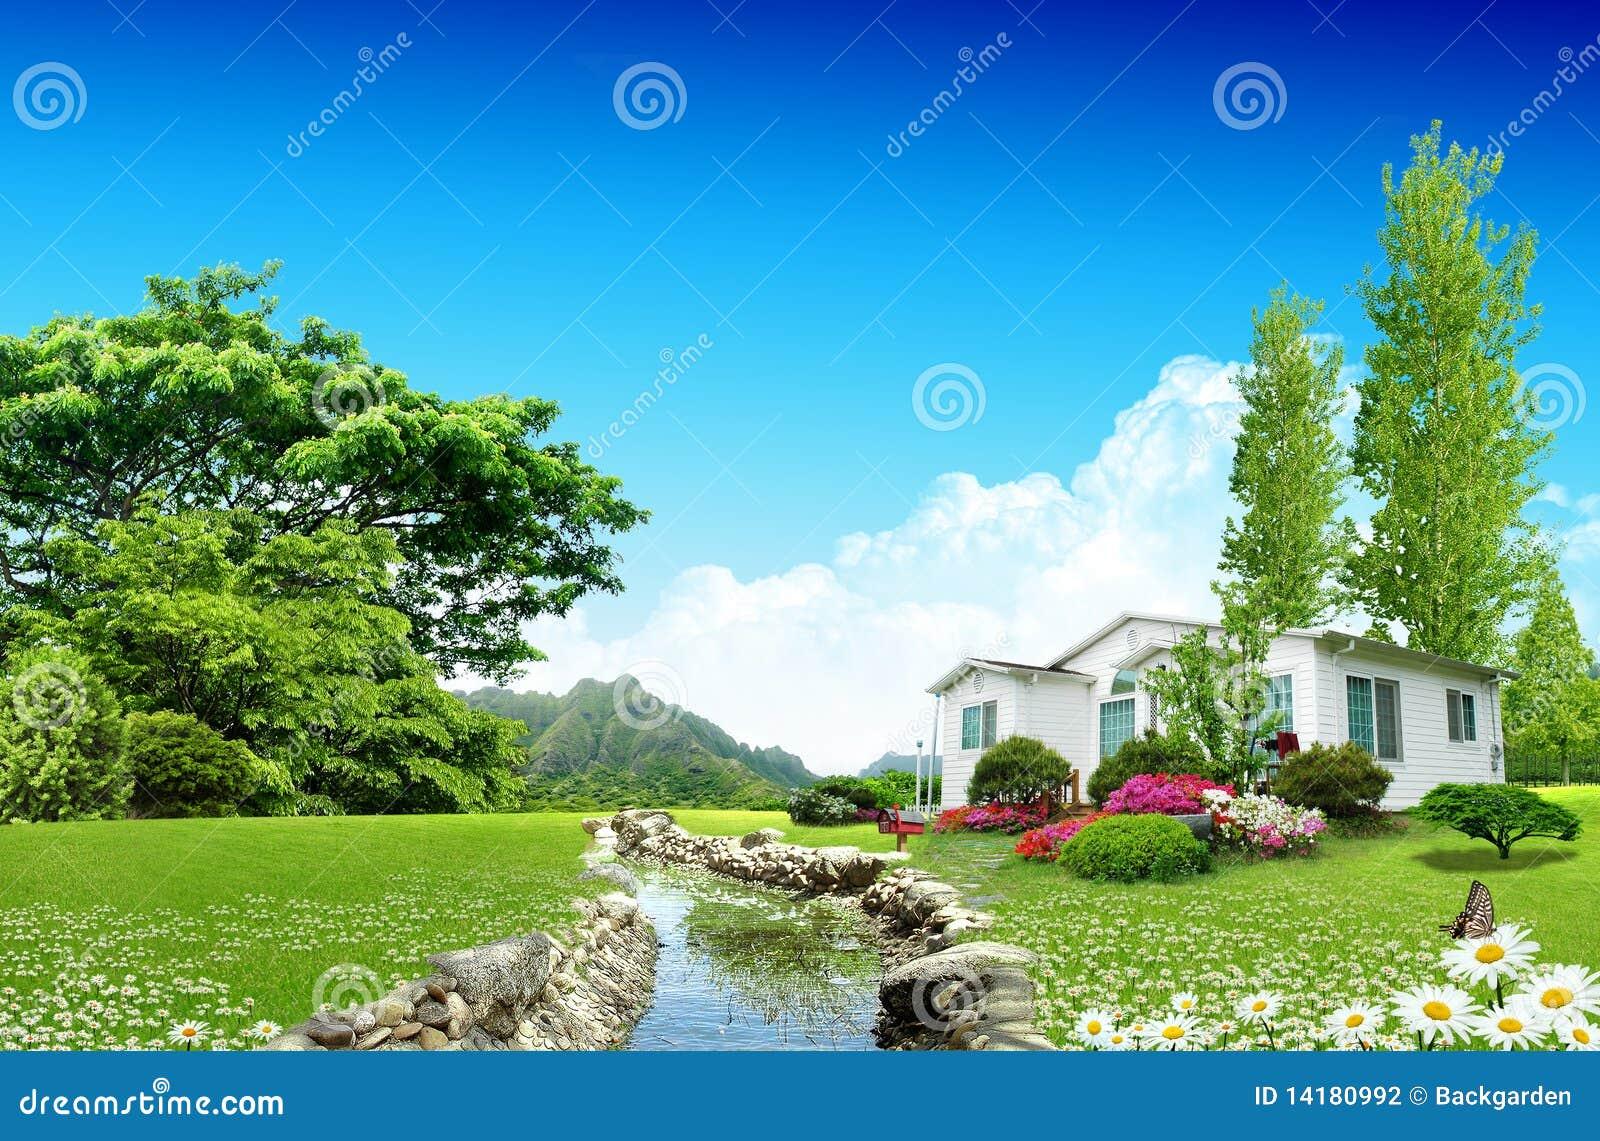 Maison gentille sur la zone verte photographie stock for Agrandissement maison zone verte